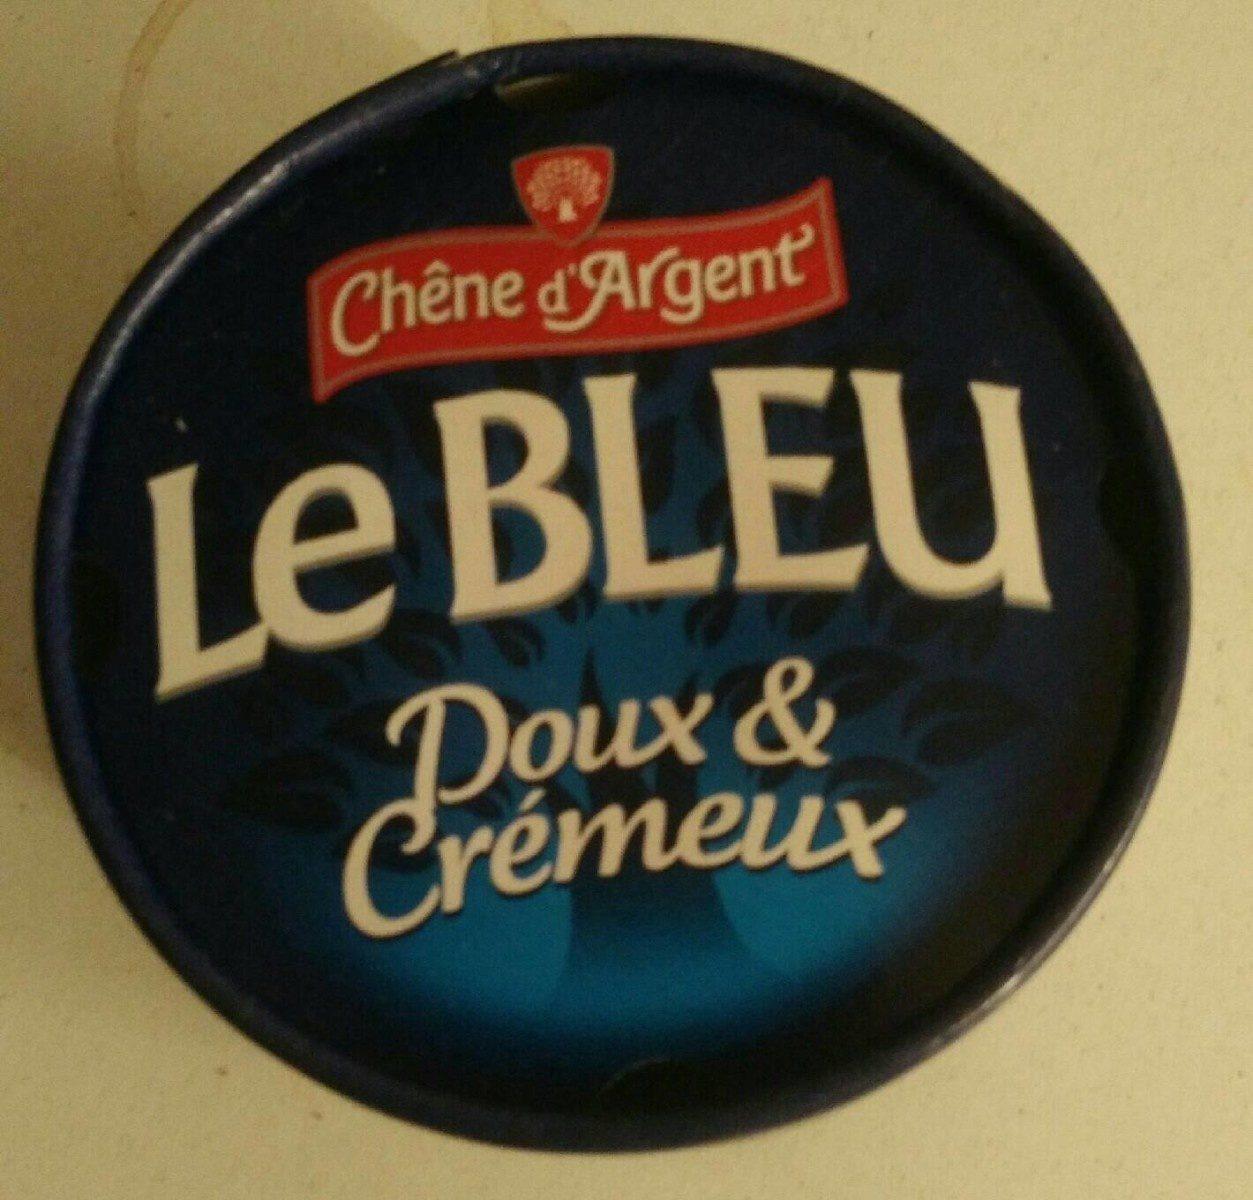 Le bleu doux&cremeux - Product - fr